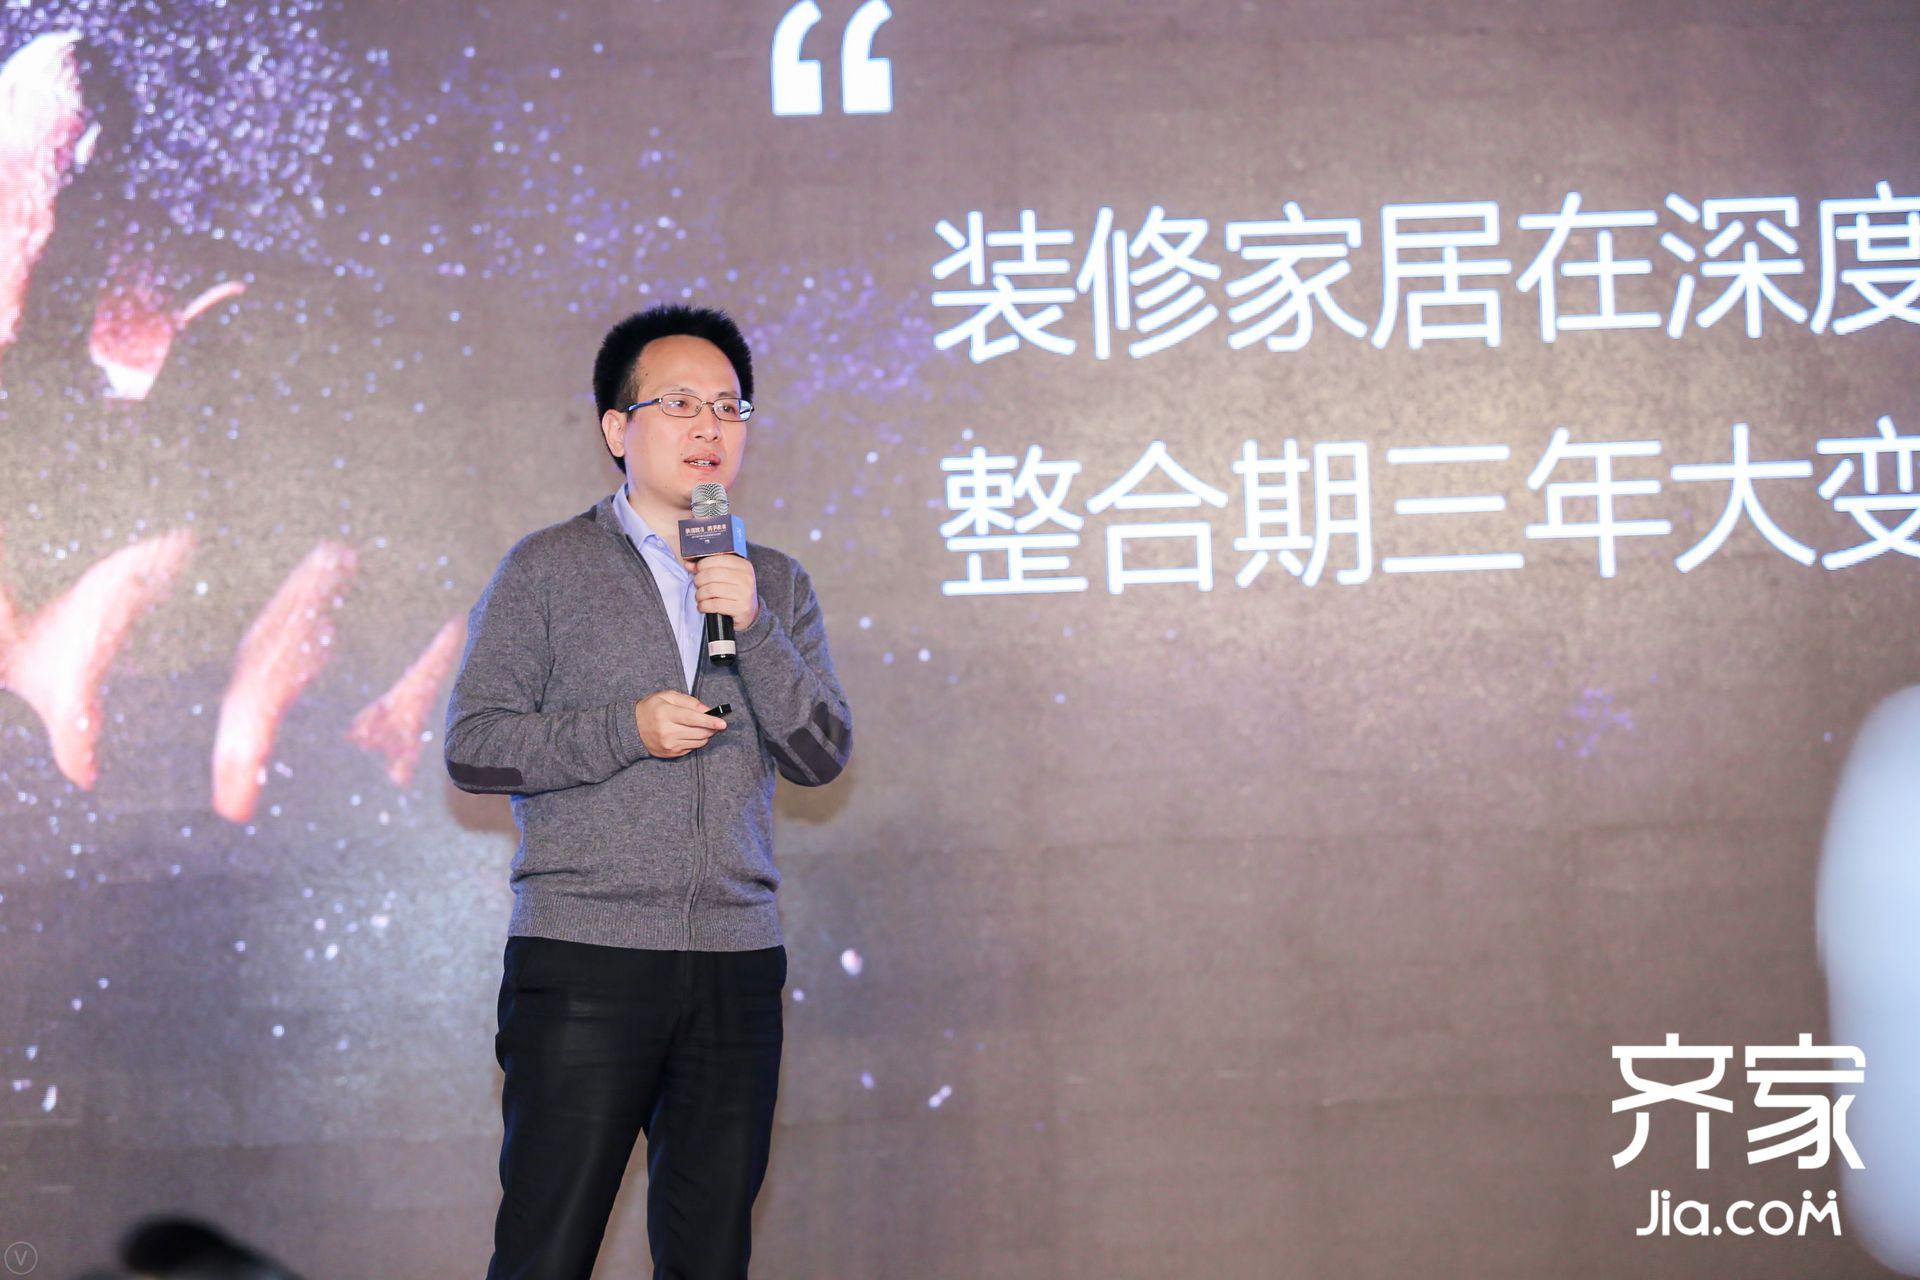 齐家网邓华金:行业深度重构 优质装修公司将成主角